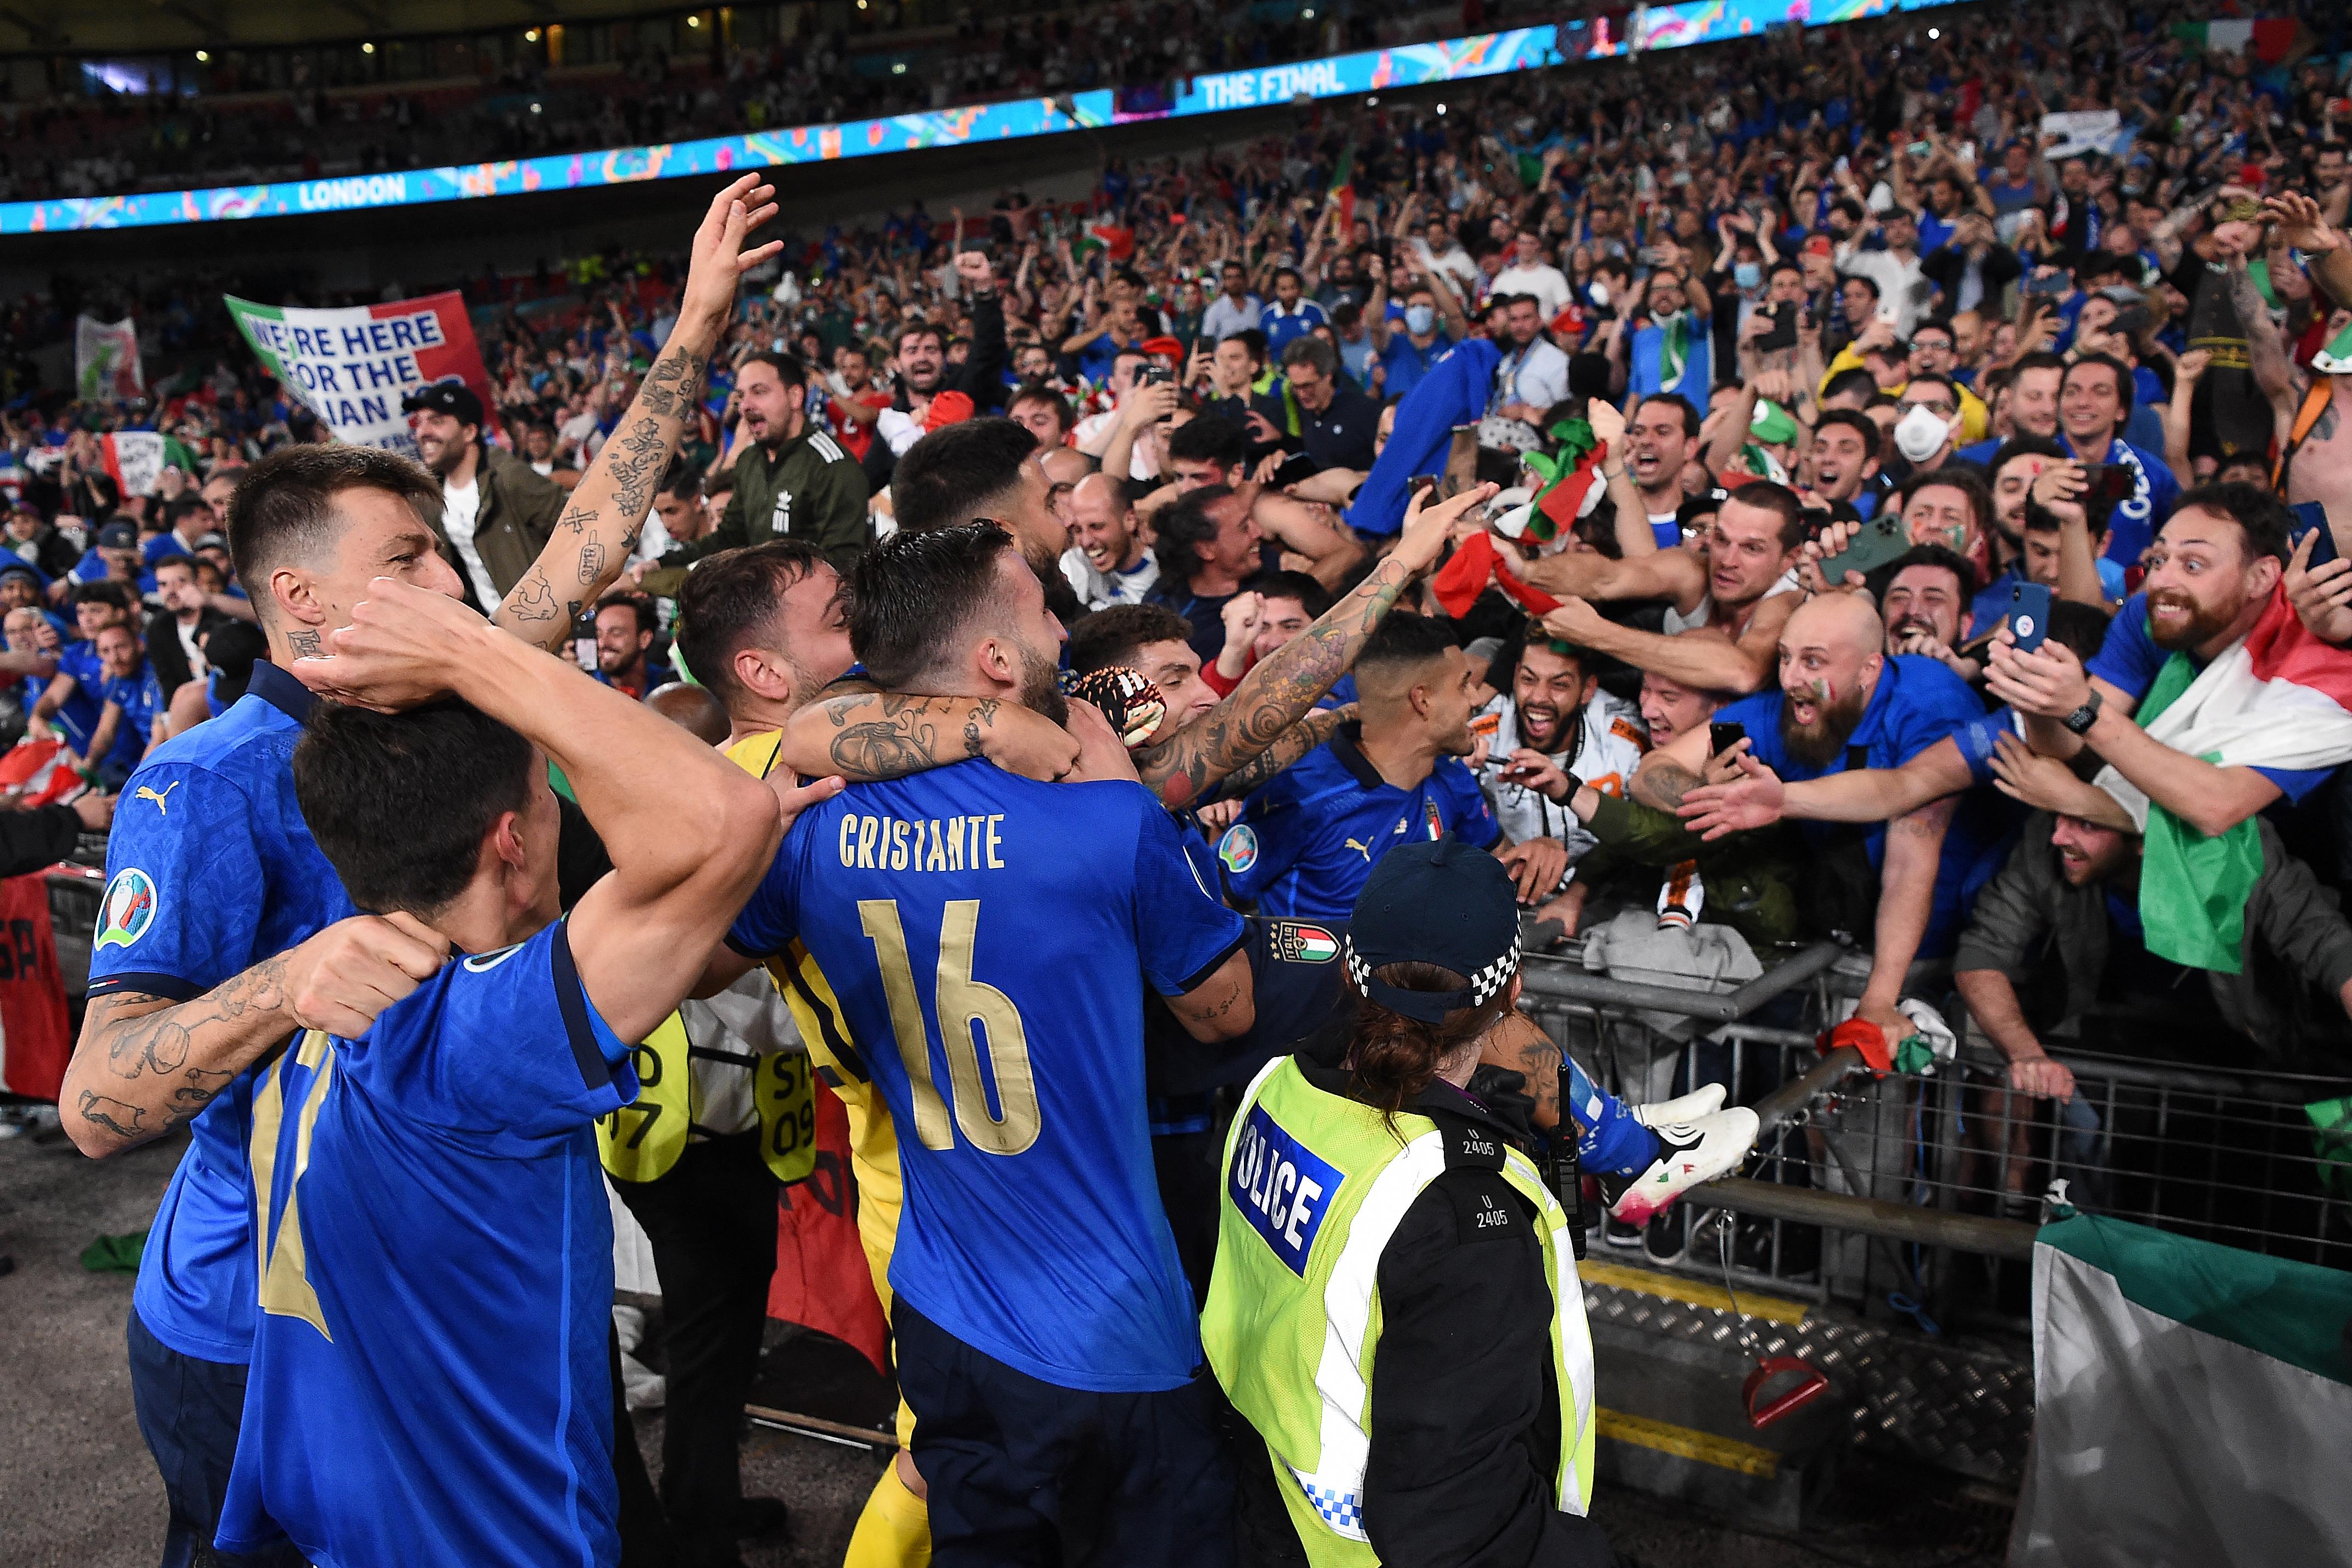 A foci Eb döntőjét szuperfertőző eseménnyé nyilvánították